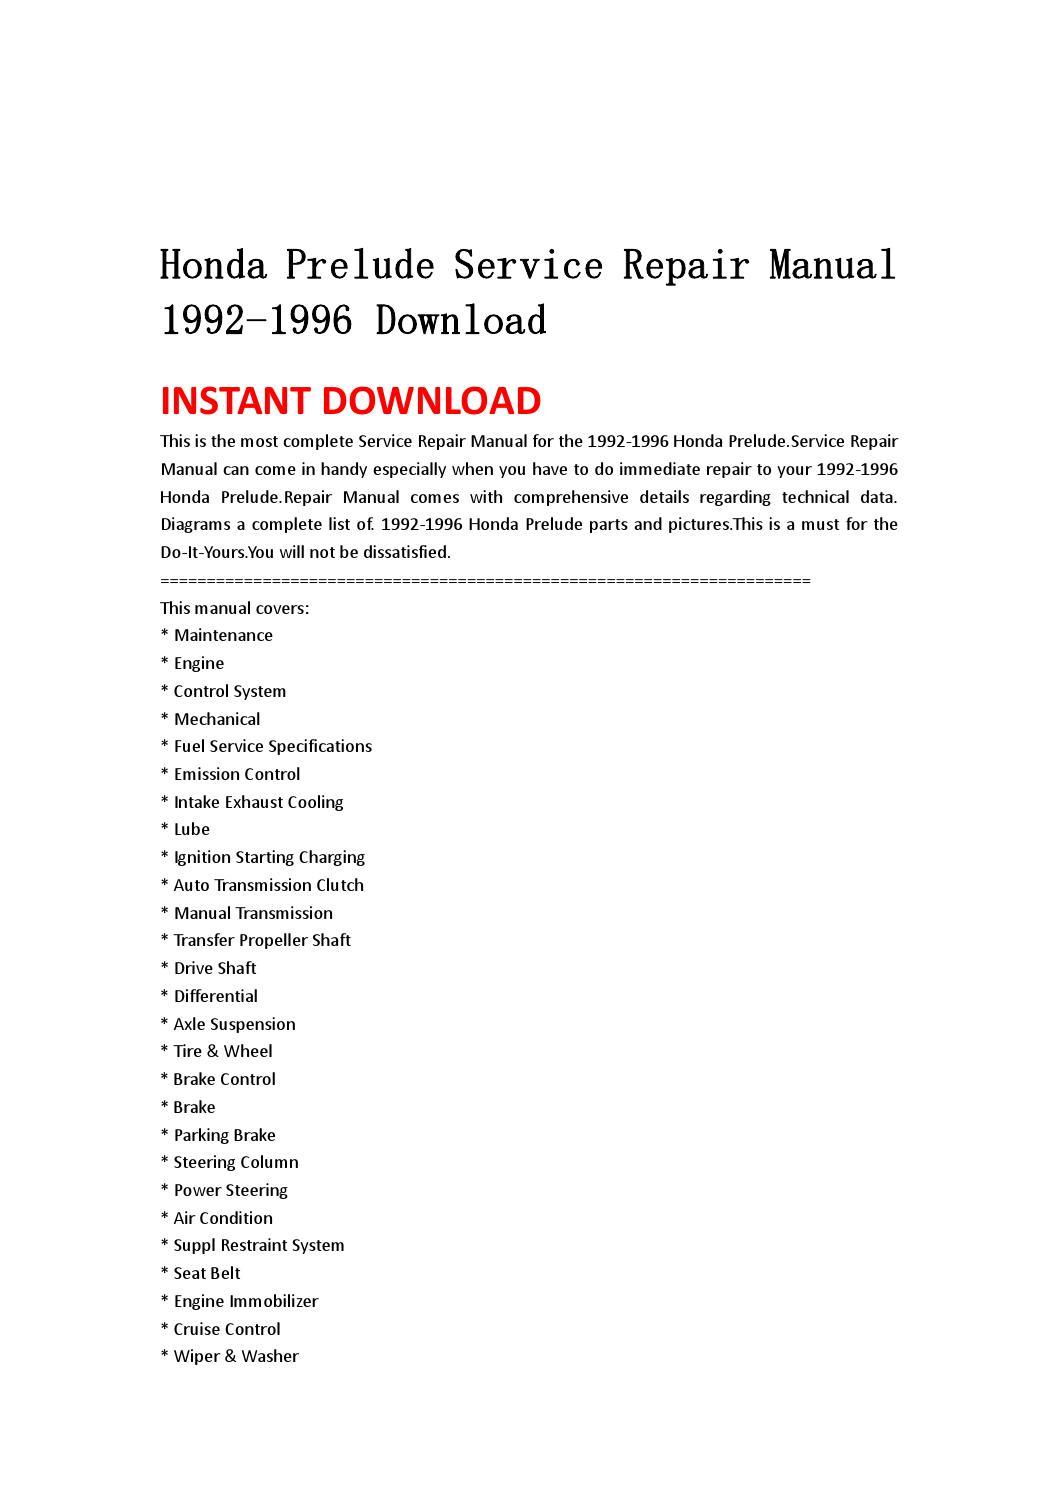 Honda Prelude Workshop manual PDF